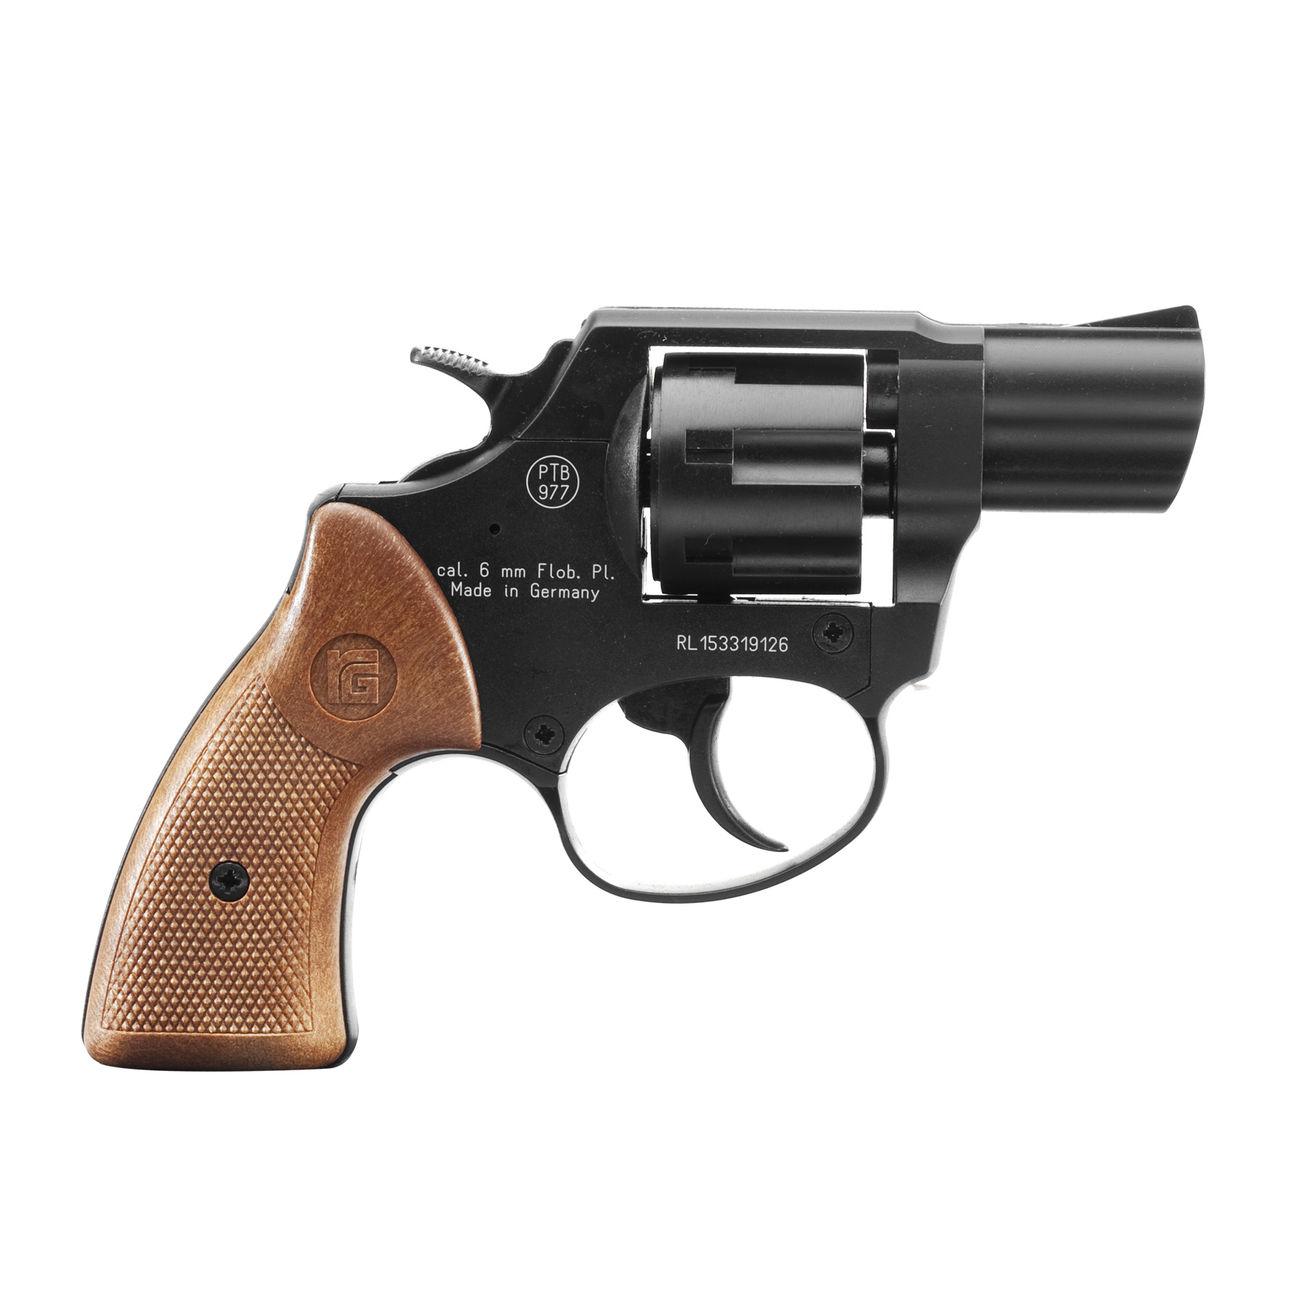 Röhm RG 56 Schreckschuss Revolver 6mm Flobert brüniert - Kotte & Zeller